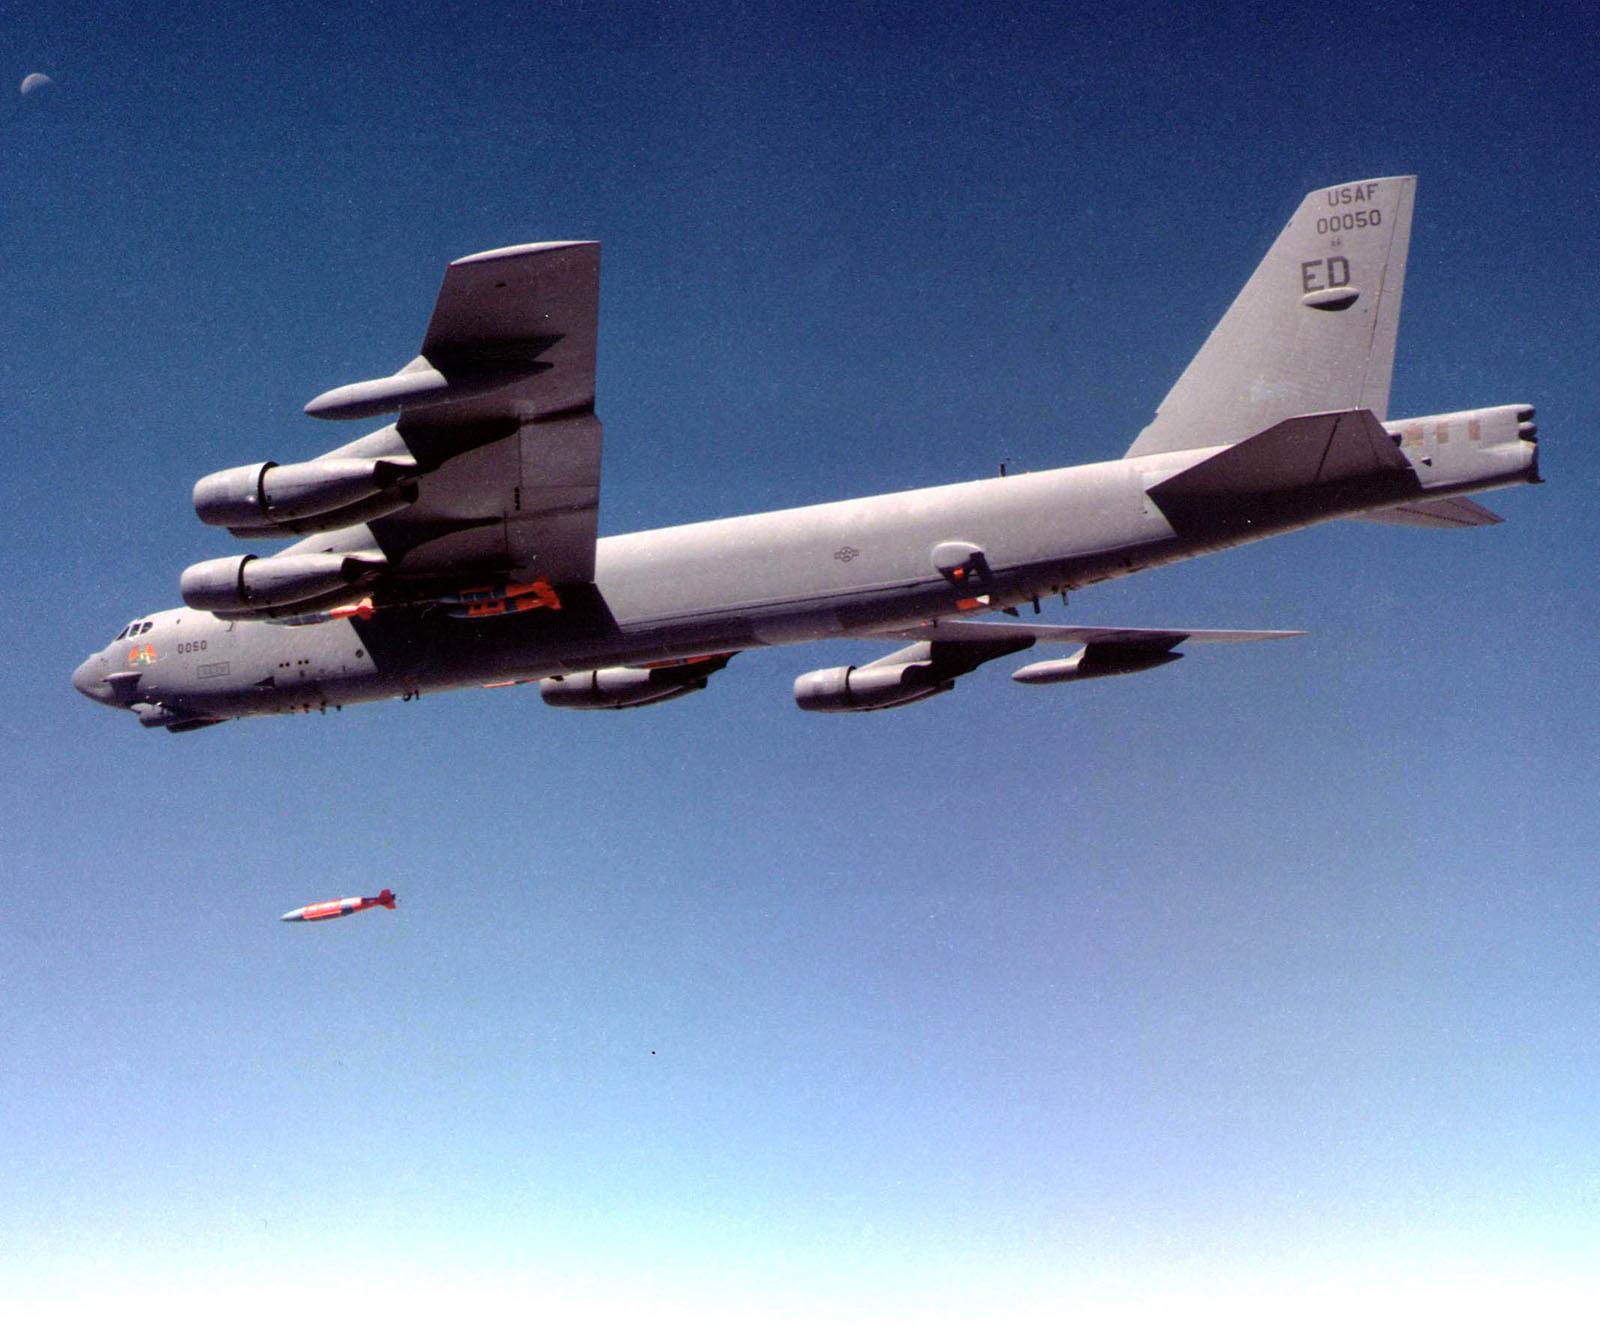 http://www.cybermodeler.com/aircraft/b-52/images/021105-o-9999g-014.jpg